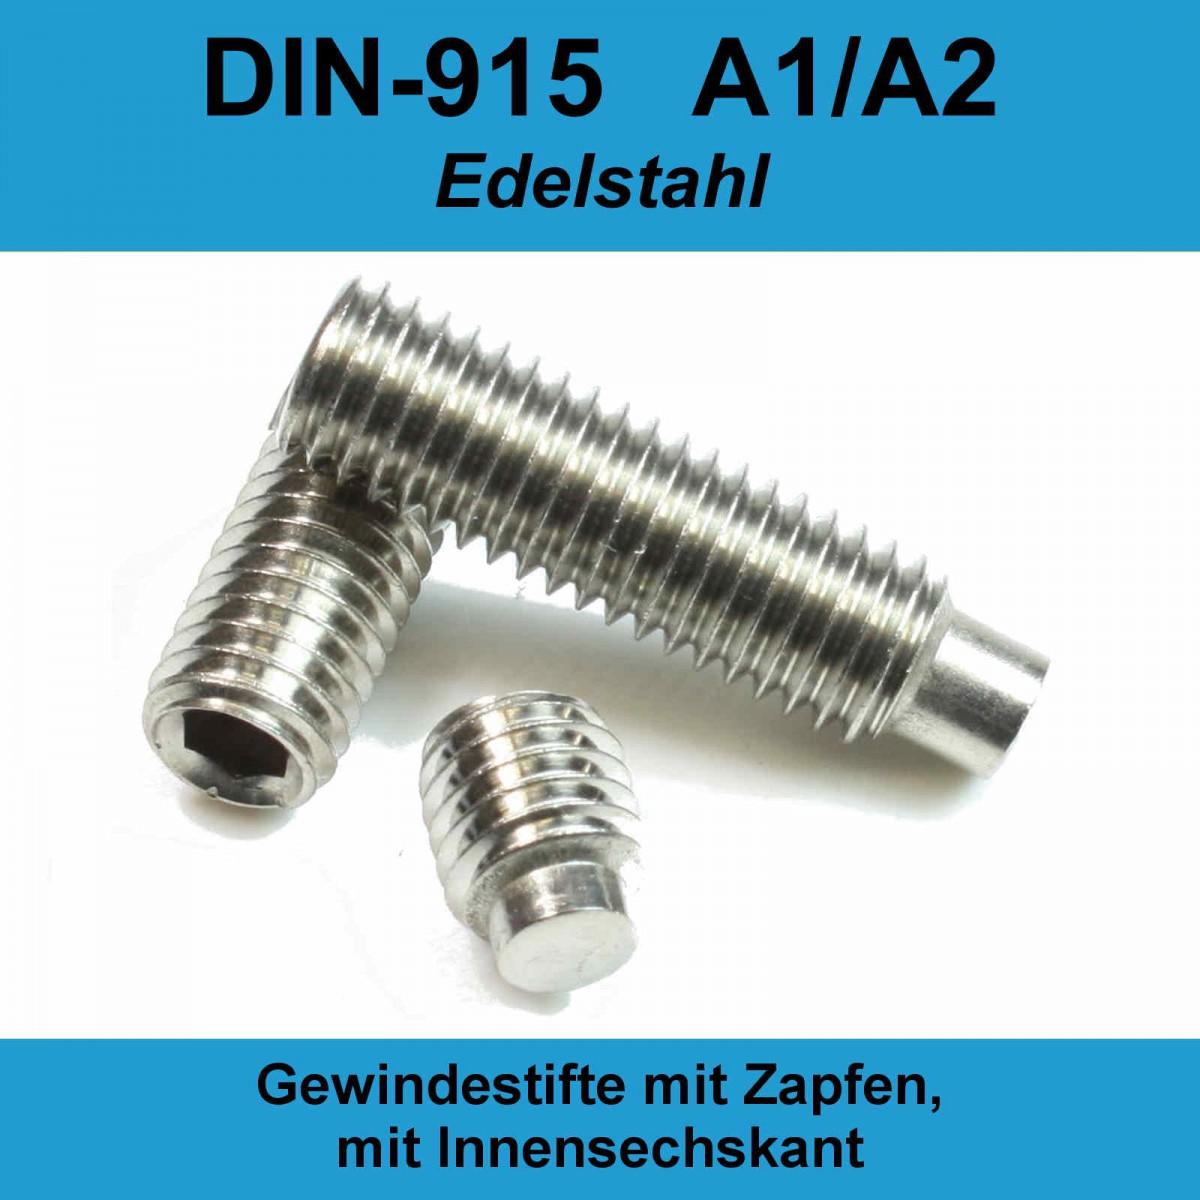 Edelstahl A2 Madenschraube.4x25 50 STK Gewindestifte M4x25 Spitze DIN914 mit Innensechskant u